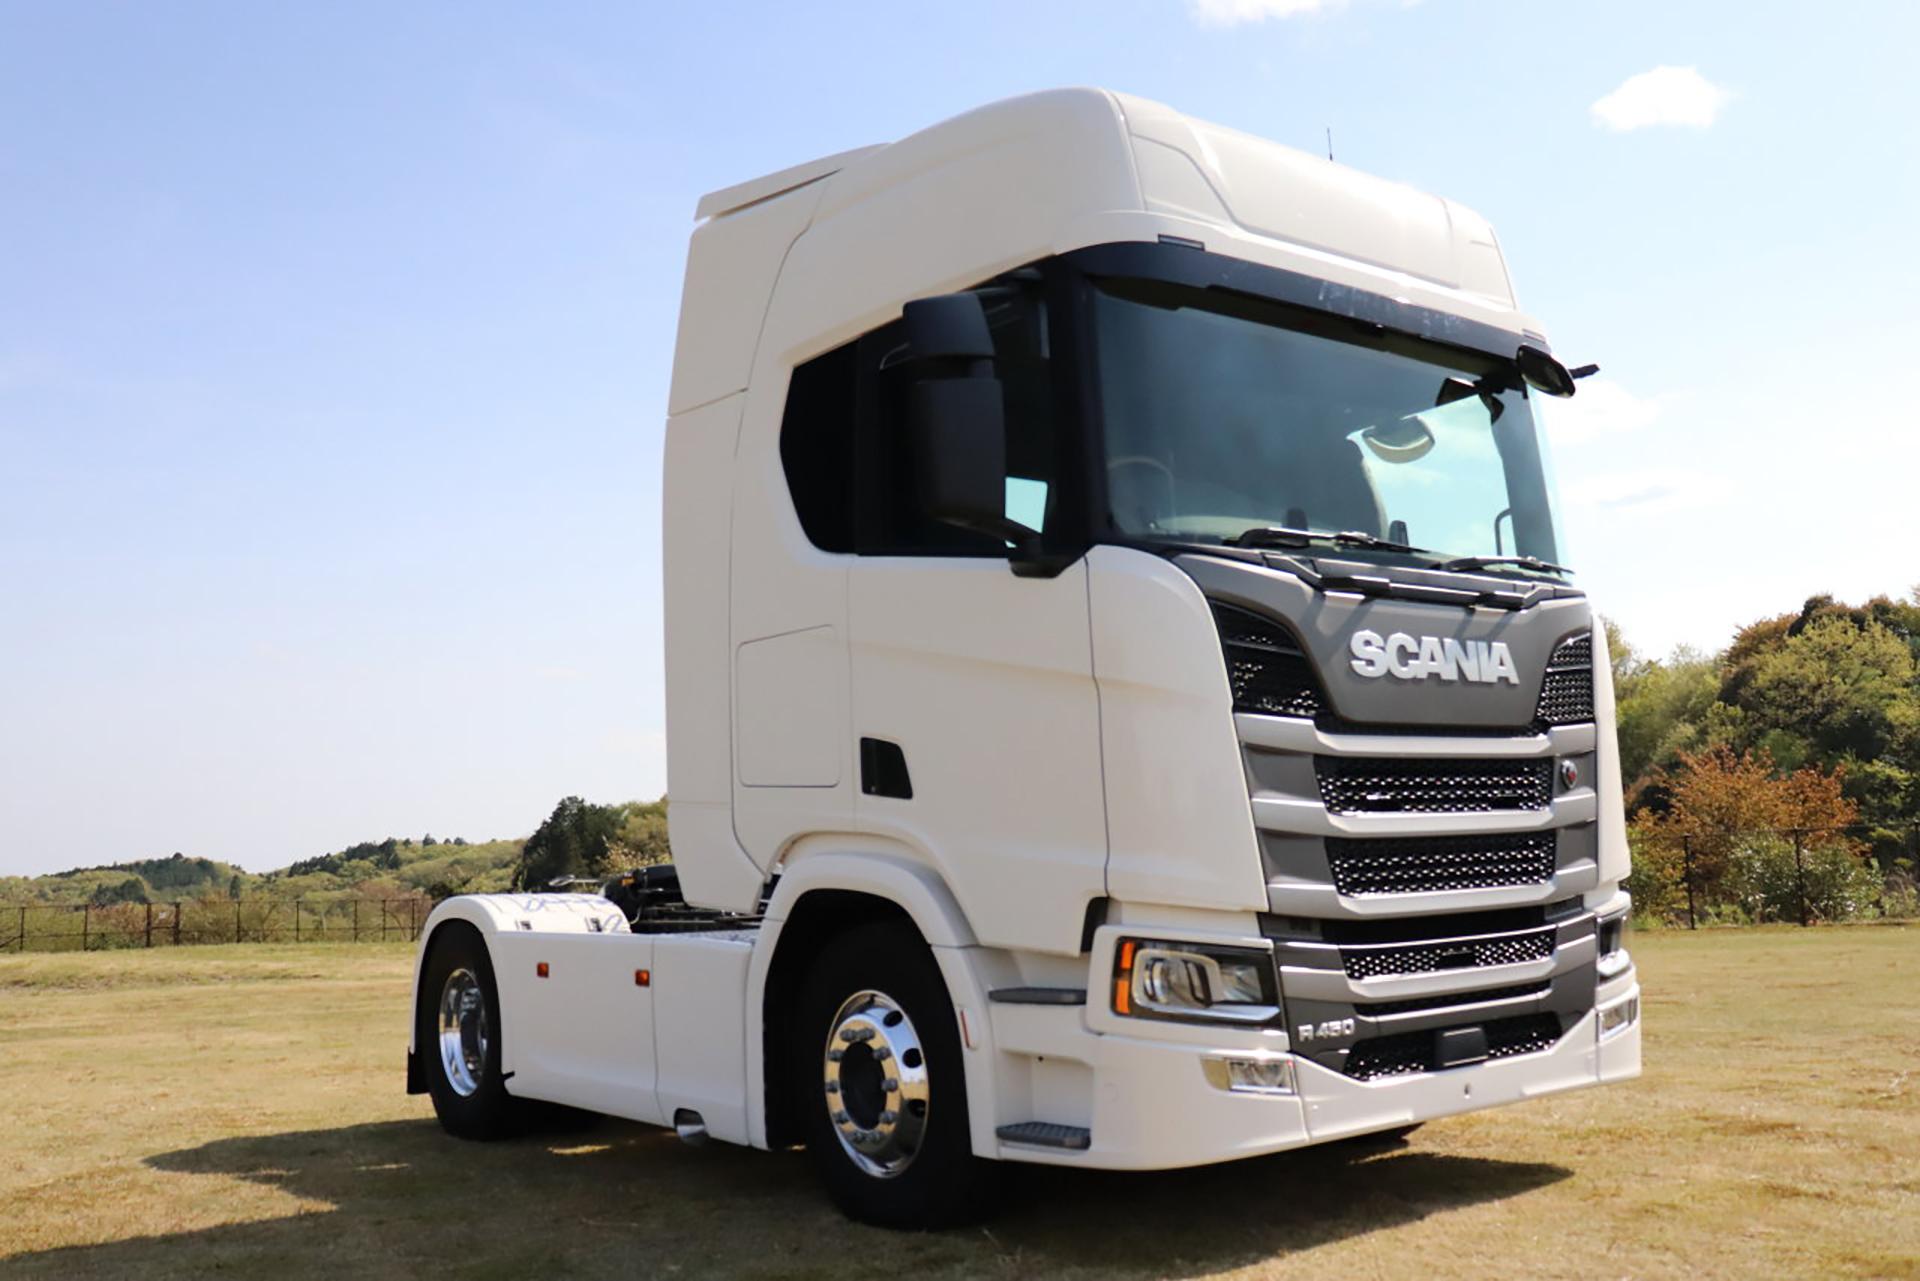 「大型トラックは運転席を丸ごと前倒しできるって知ってました?【新型スカニア・R450】」の1枚目の画像